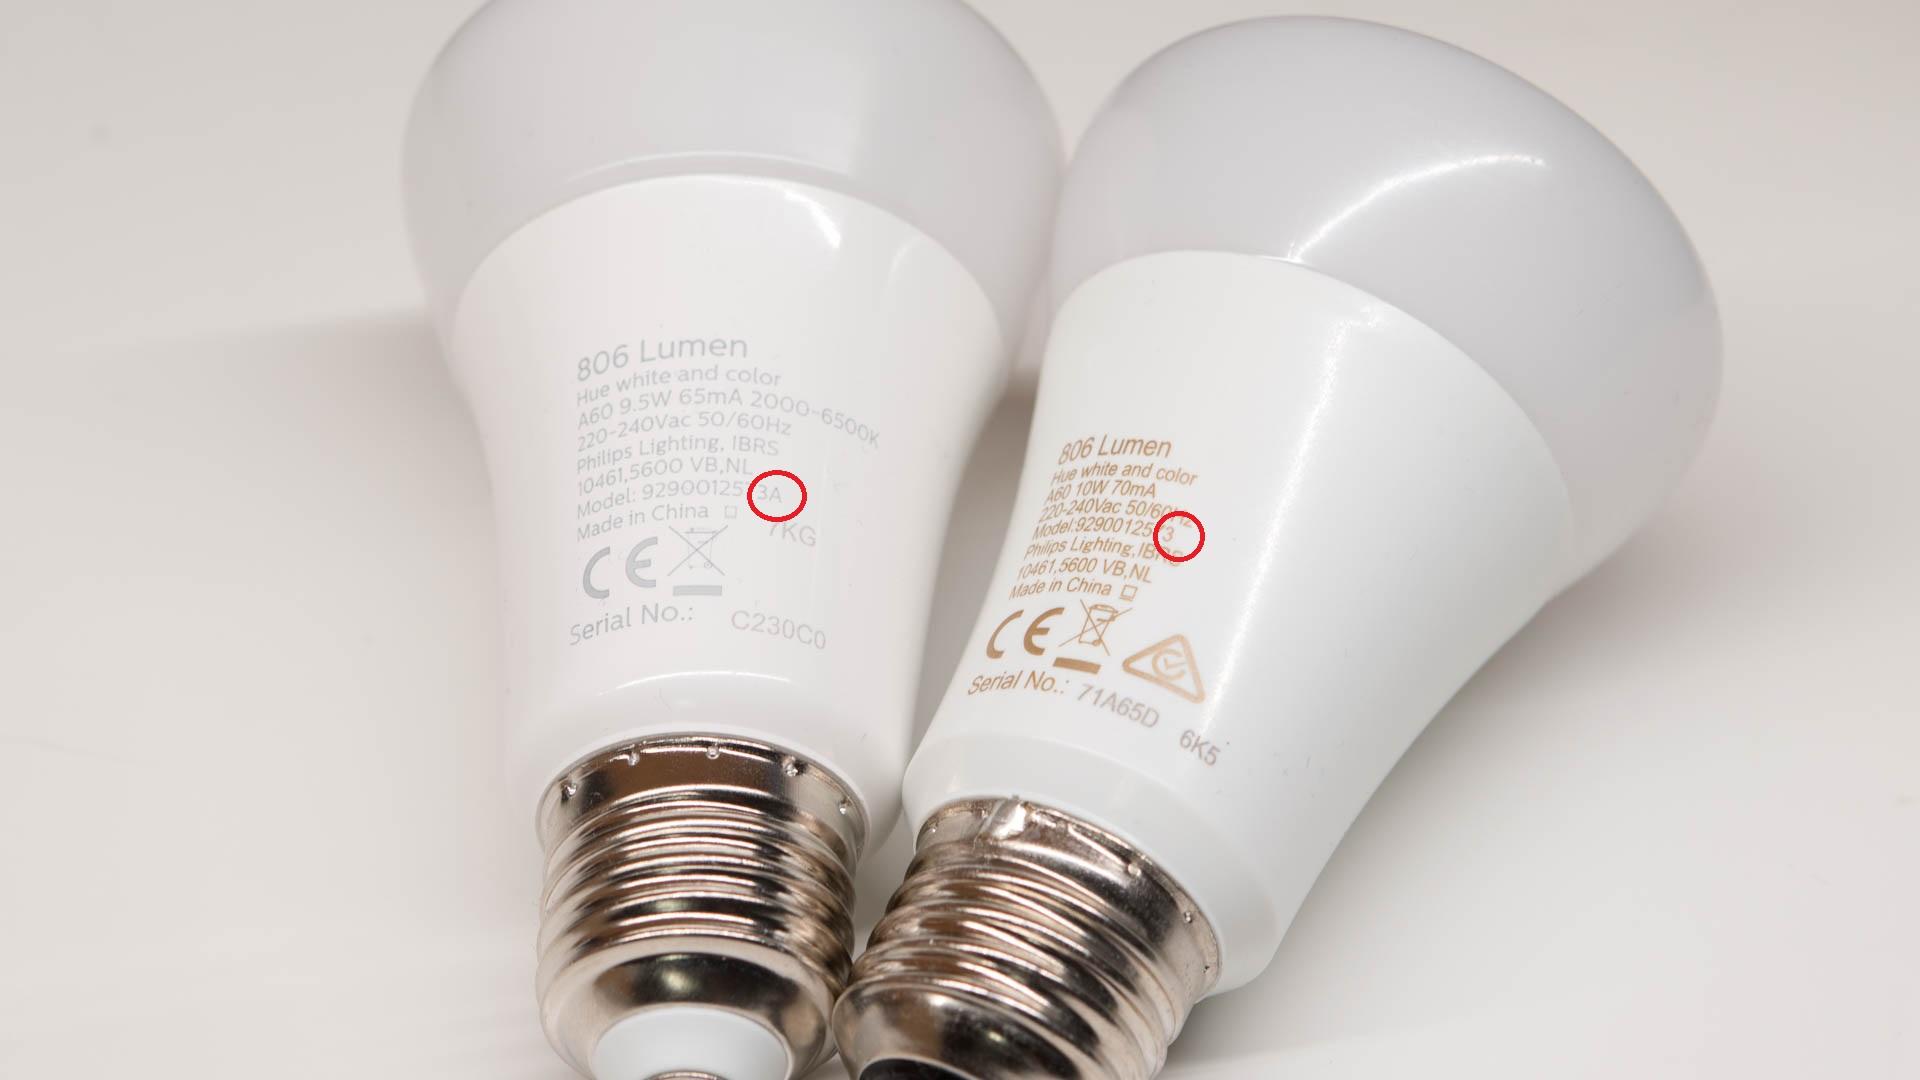 Welche ist die beste alternative RGB Glühbirne für das Philips Hue ...